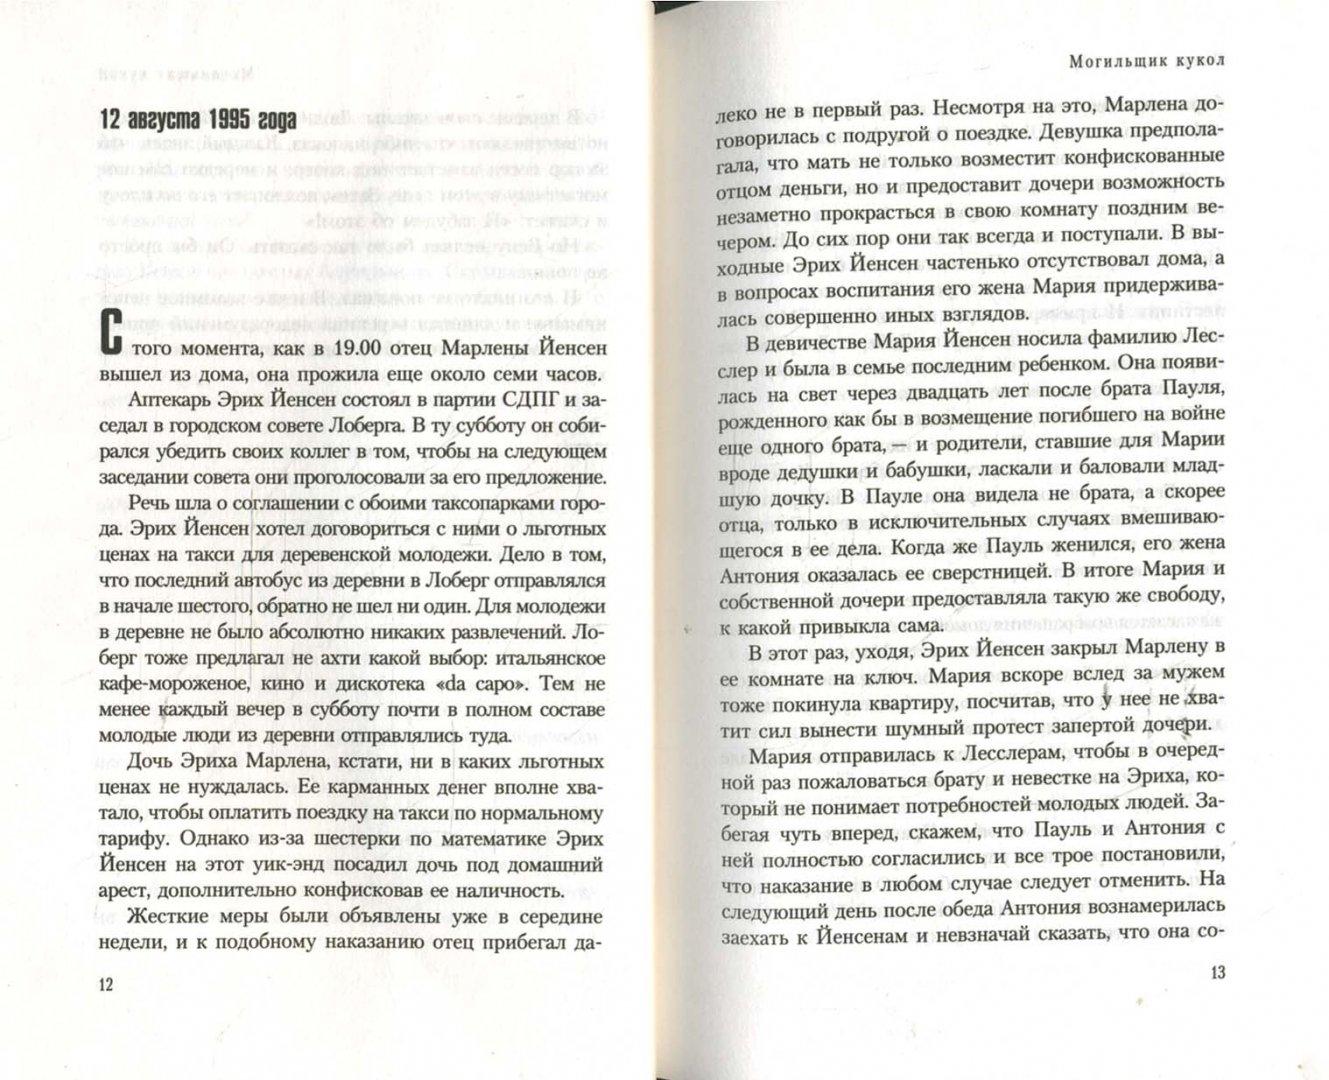 Иллюстрация 1 из 4 для Могильщик кукол: Роман - Петра Хаммесфар   Лабиринт - книги. Источник: Лабиринт